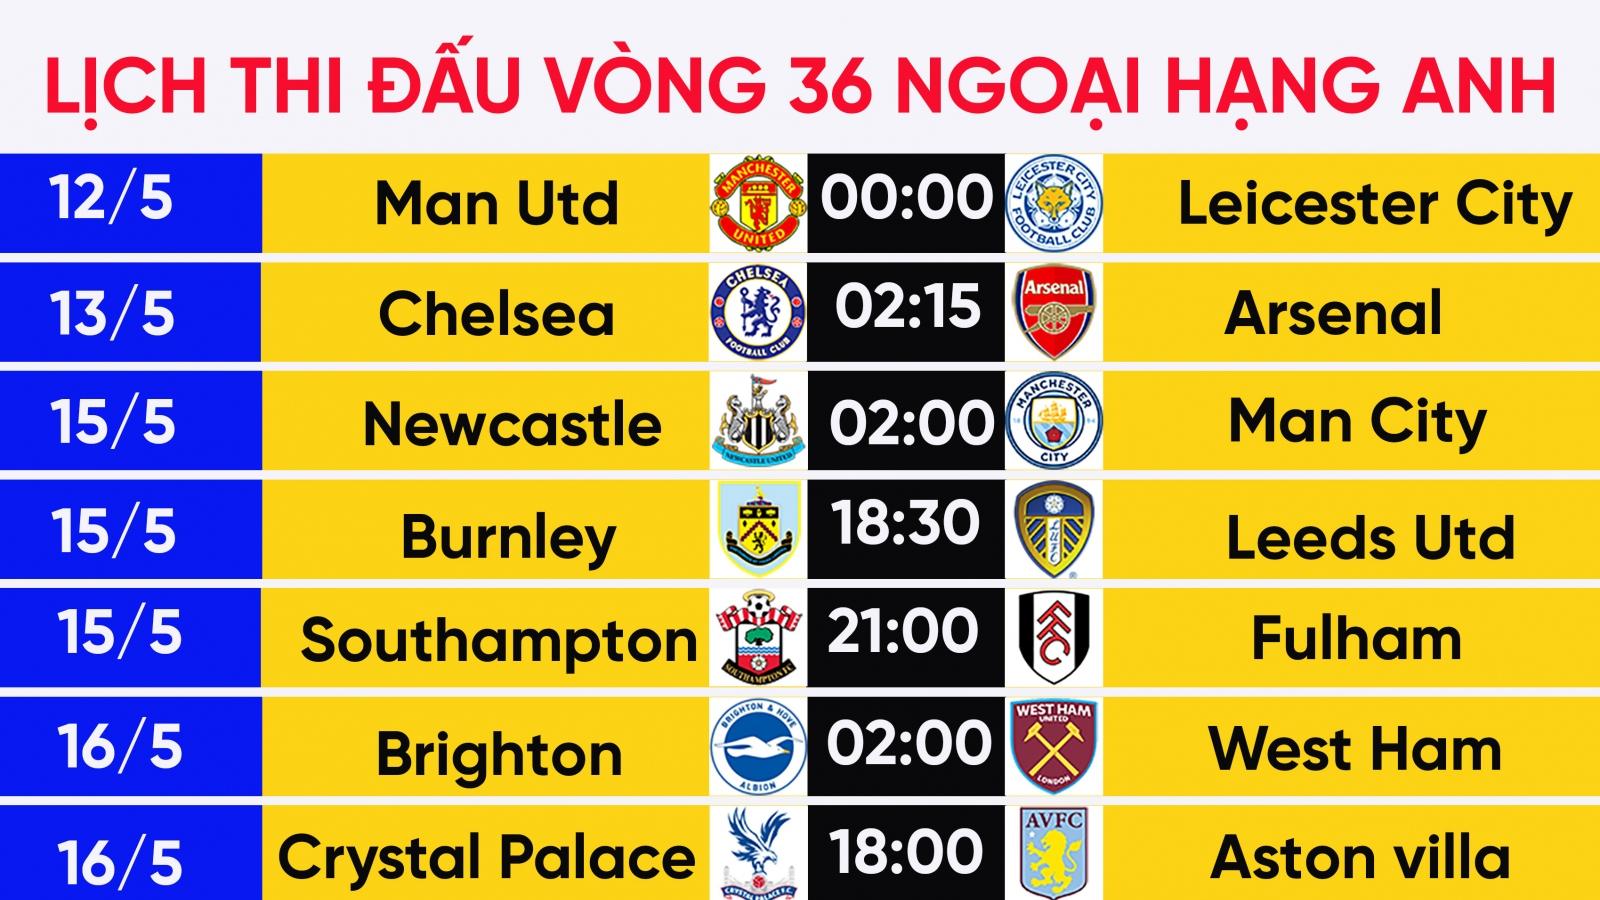 Lịch thi đấu vòng 36 Ngoại hạng Anh: MU đối đầu Leicester City